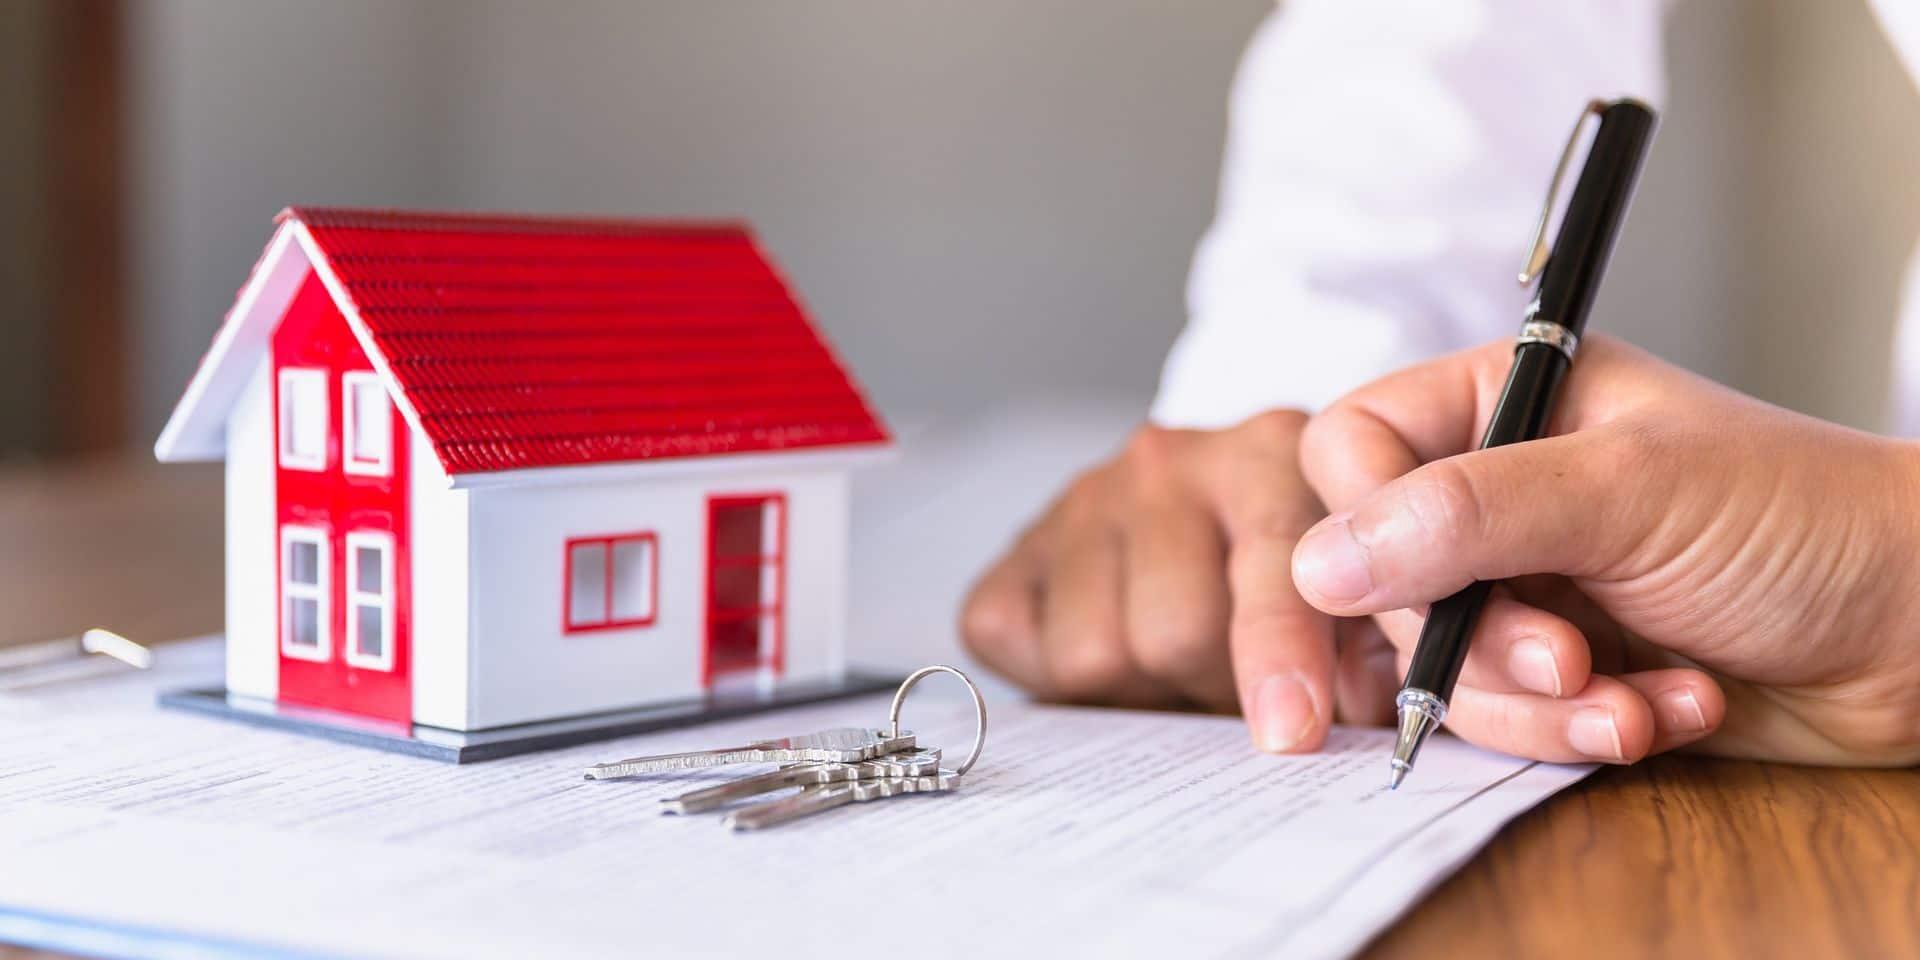 Une baisse de 20% des crédits hypothécaires octroyés en 2020: les jeunes sont les plus touchés